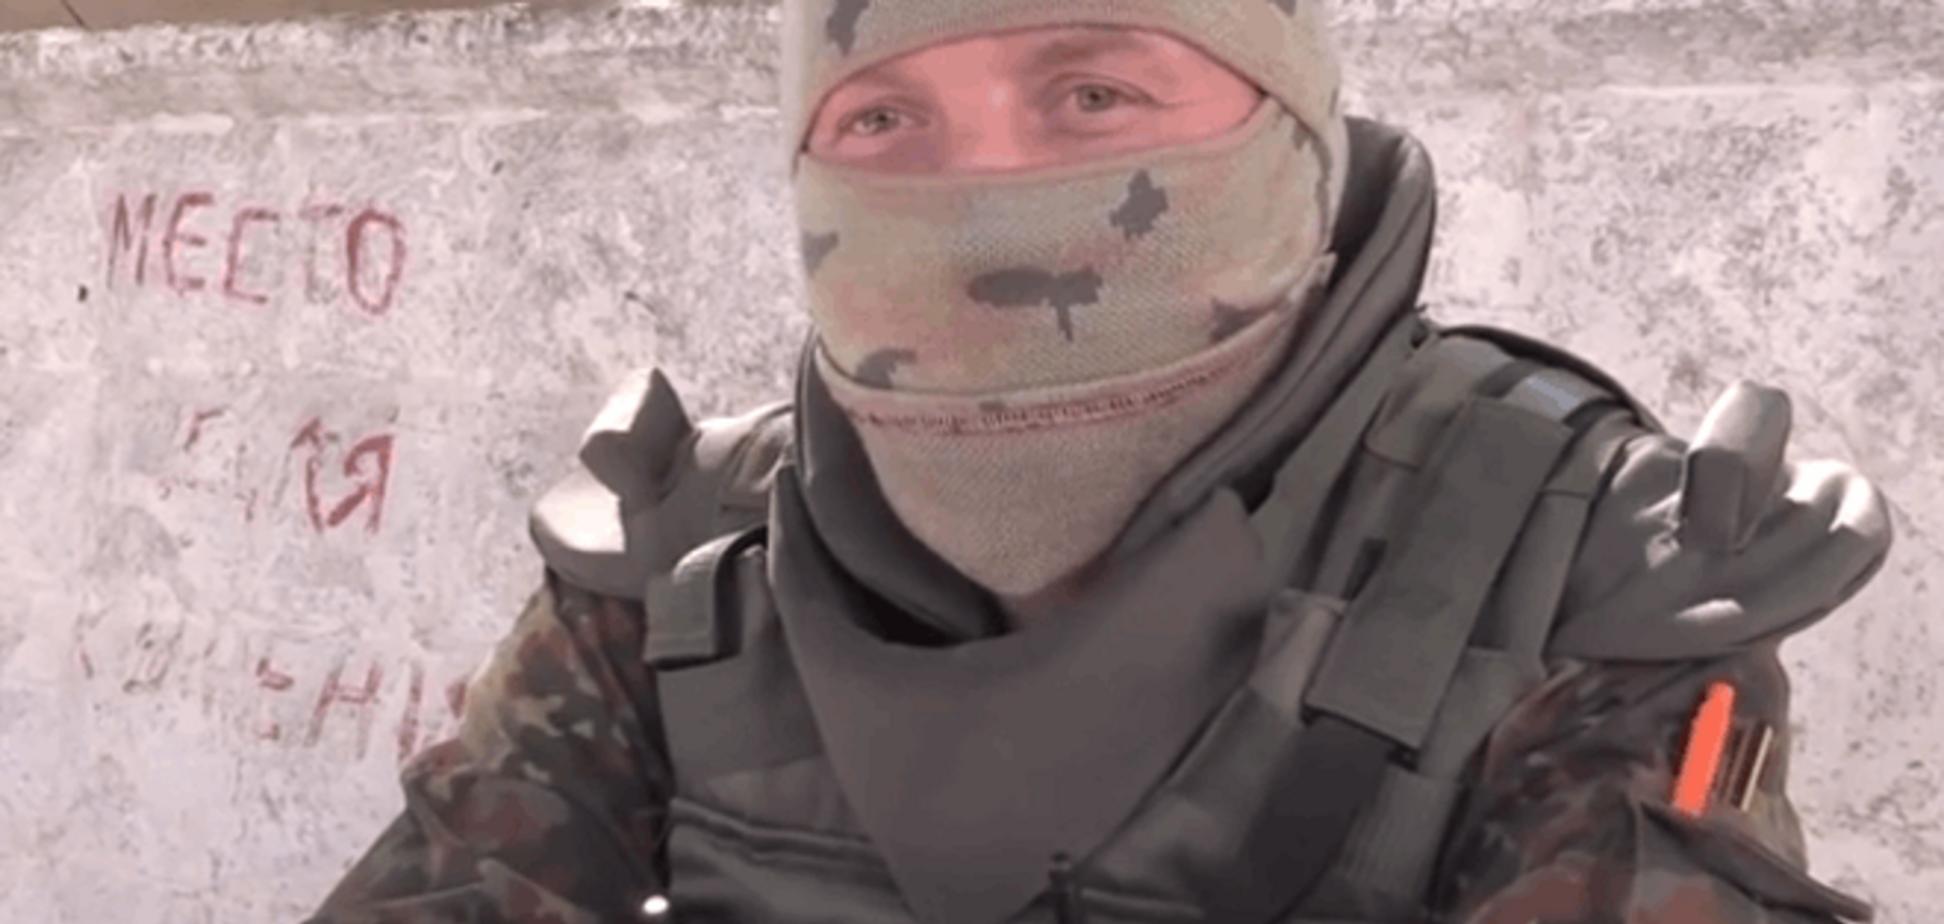 Первый бой! Украинские воины прошли боевое крещение в Марьинке: видеофакт